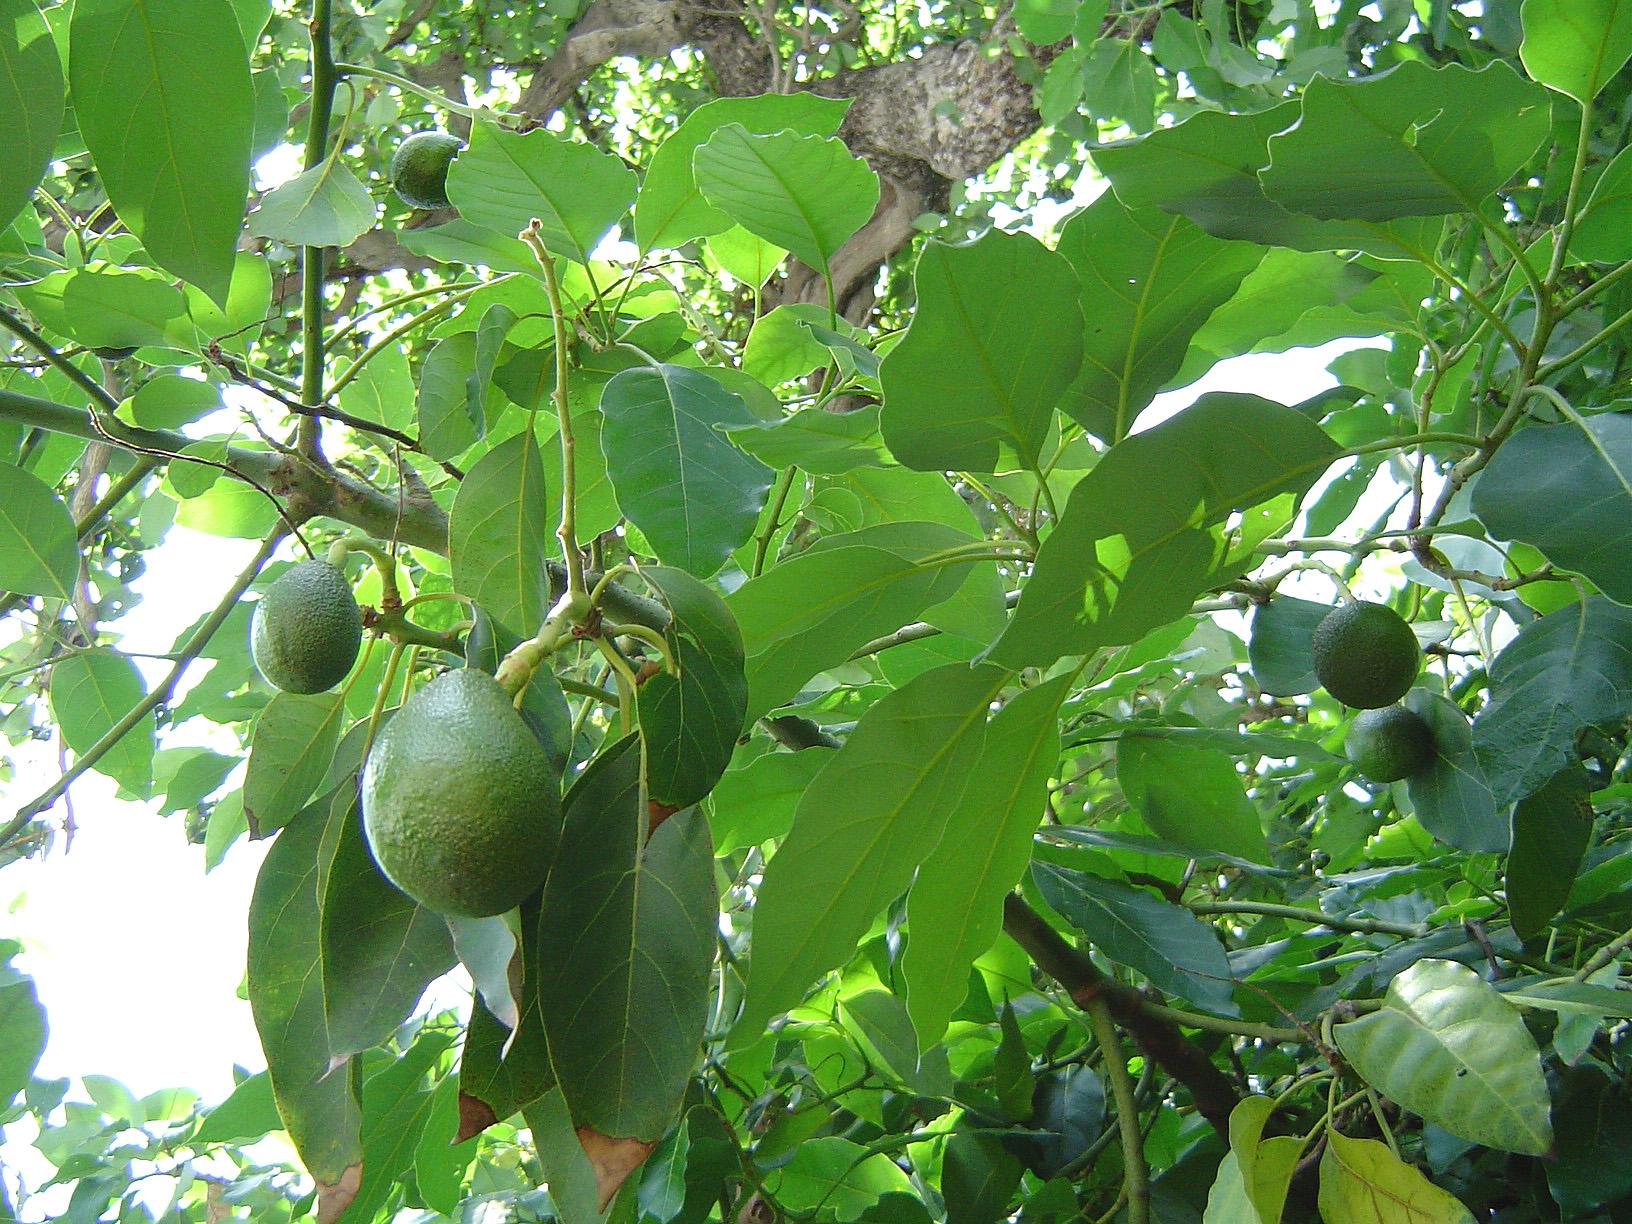 Avocado_fruitnfoliage